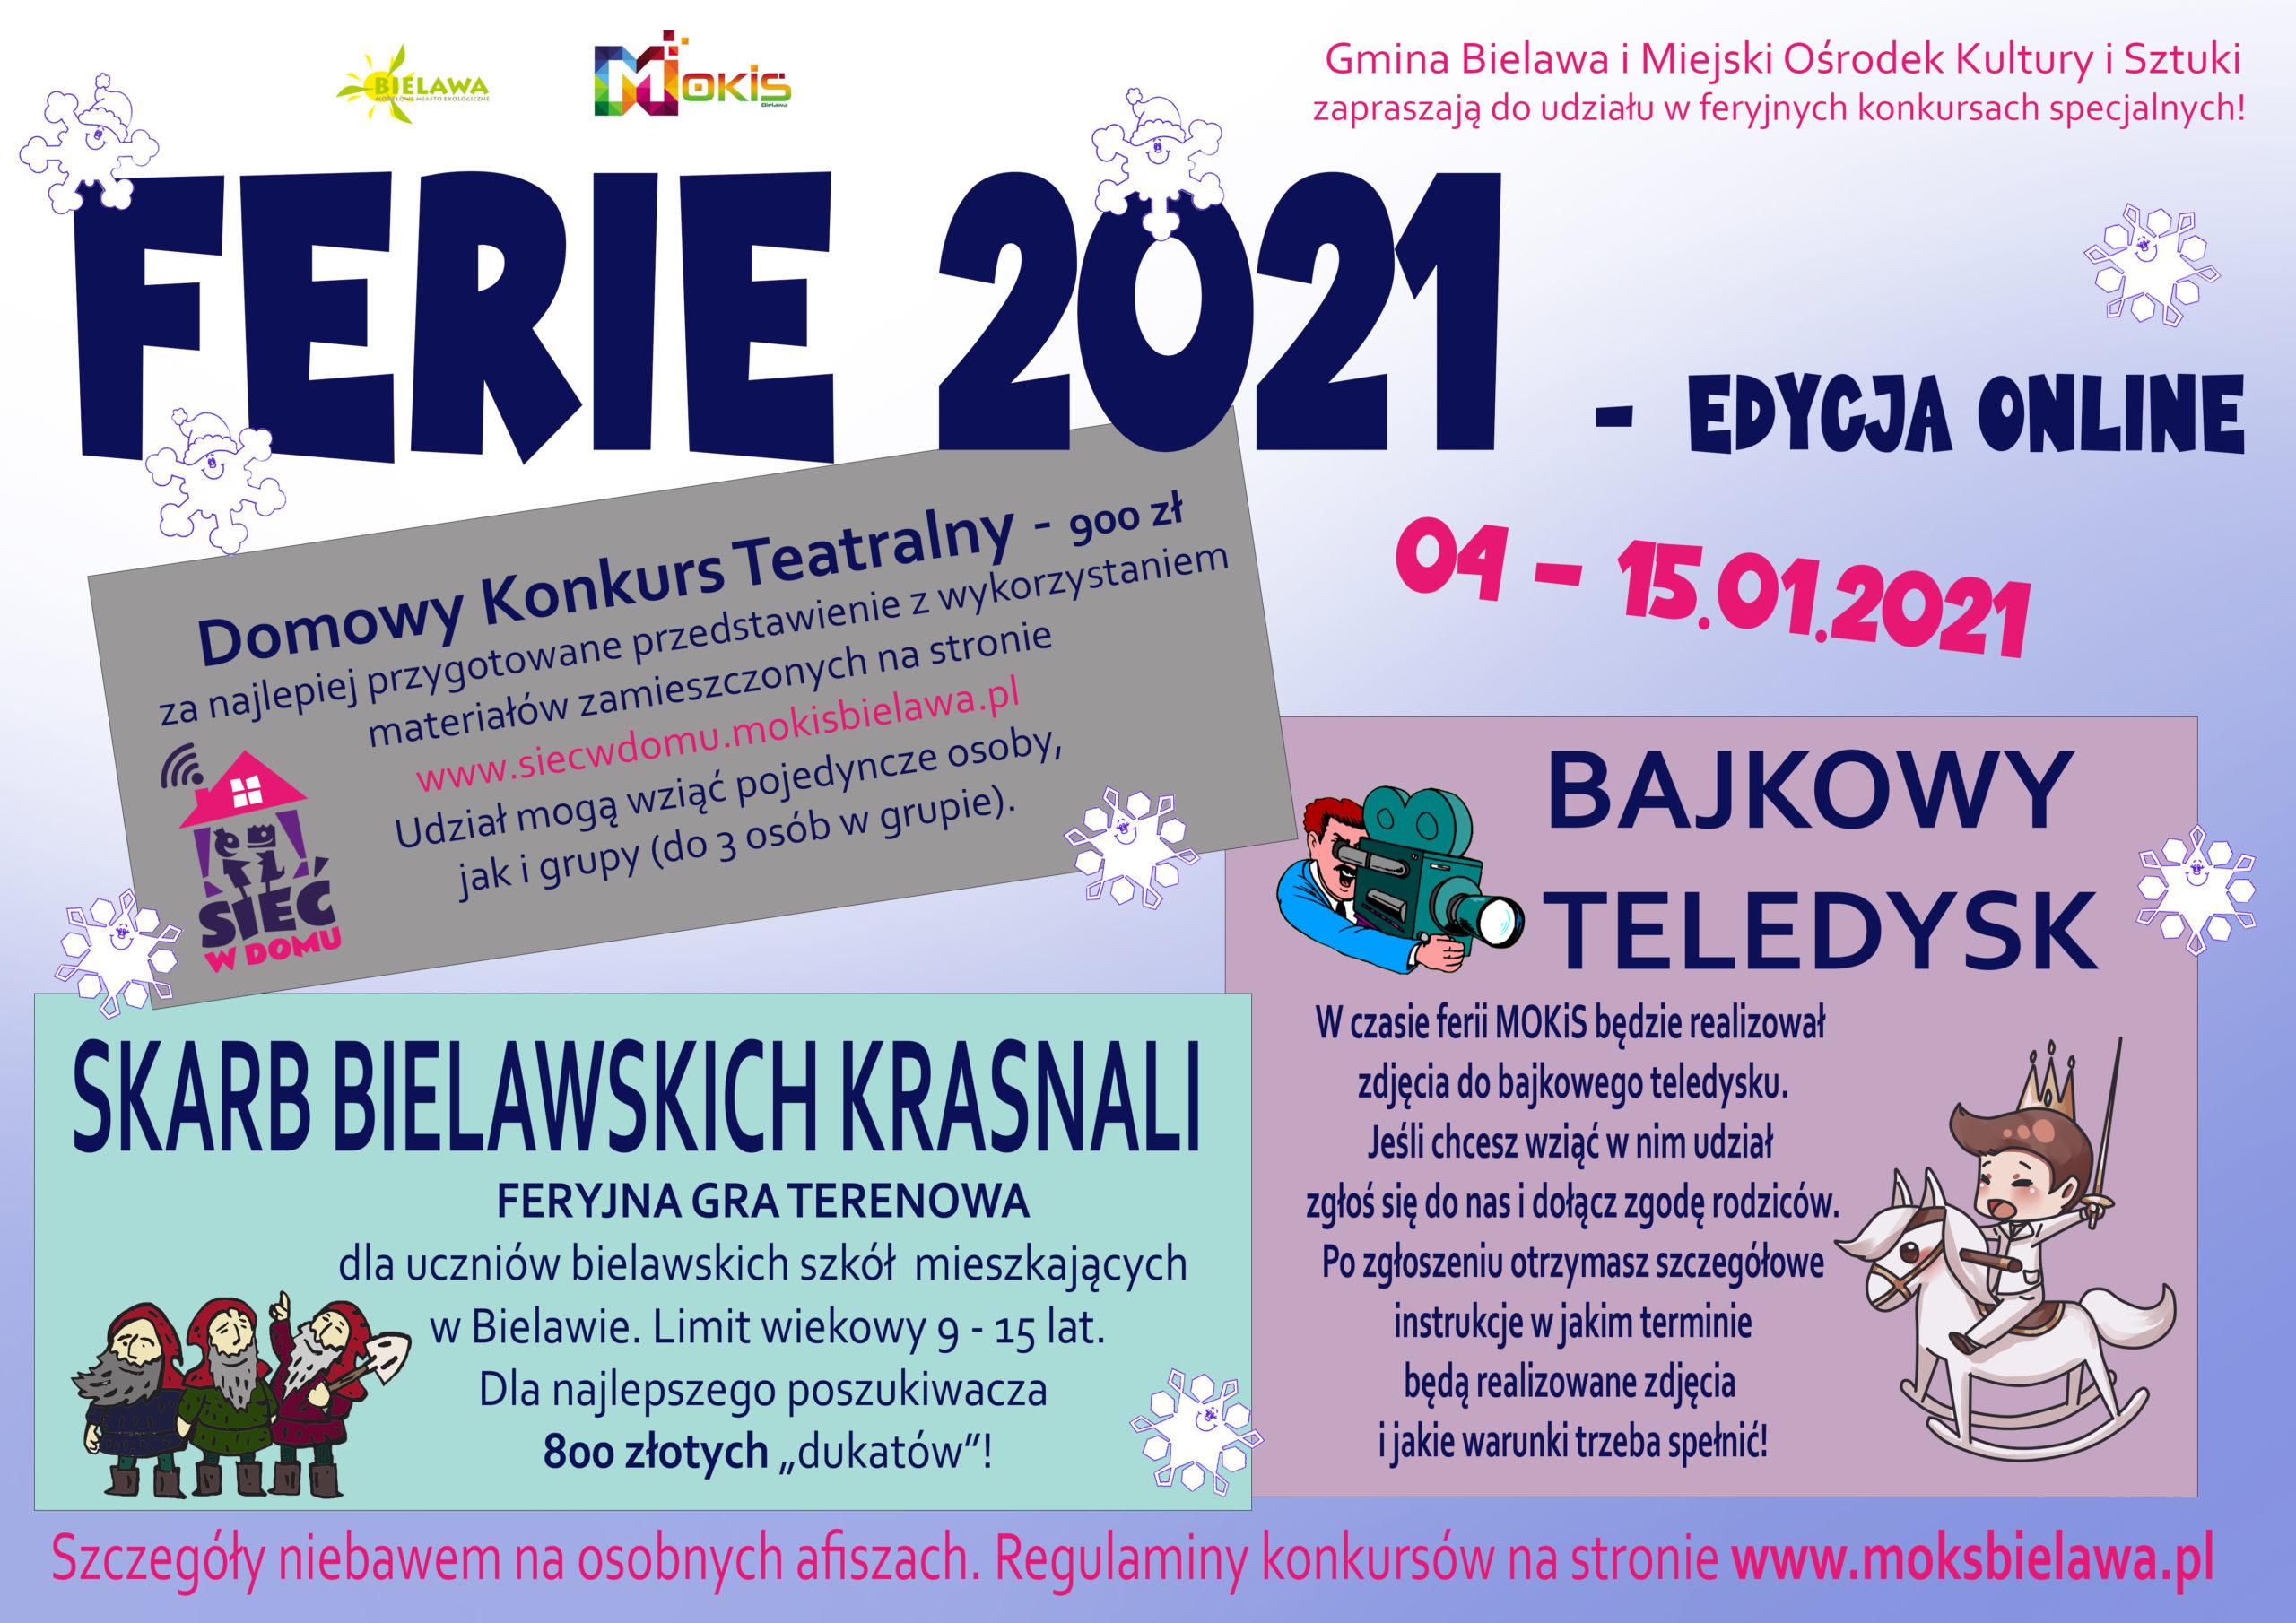 Plakat informacyjny dot. ferii online w Miejskim Ośrodku Kultury i Sztuki w Bielawie w 2021 roku